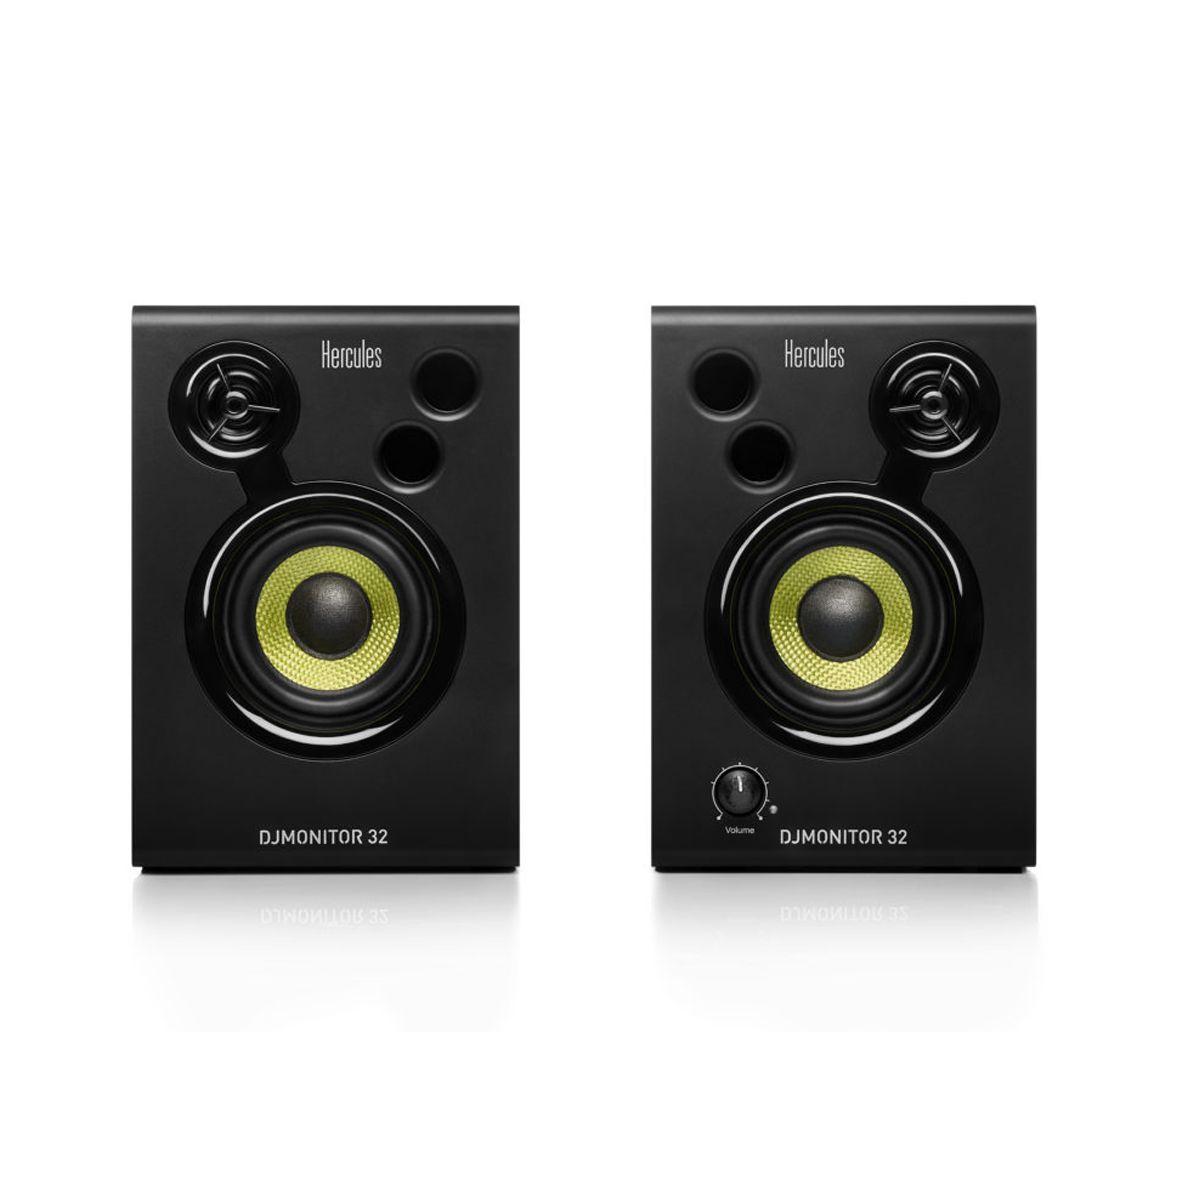 Monitor de Áudio Hercules DJ 32